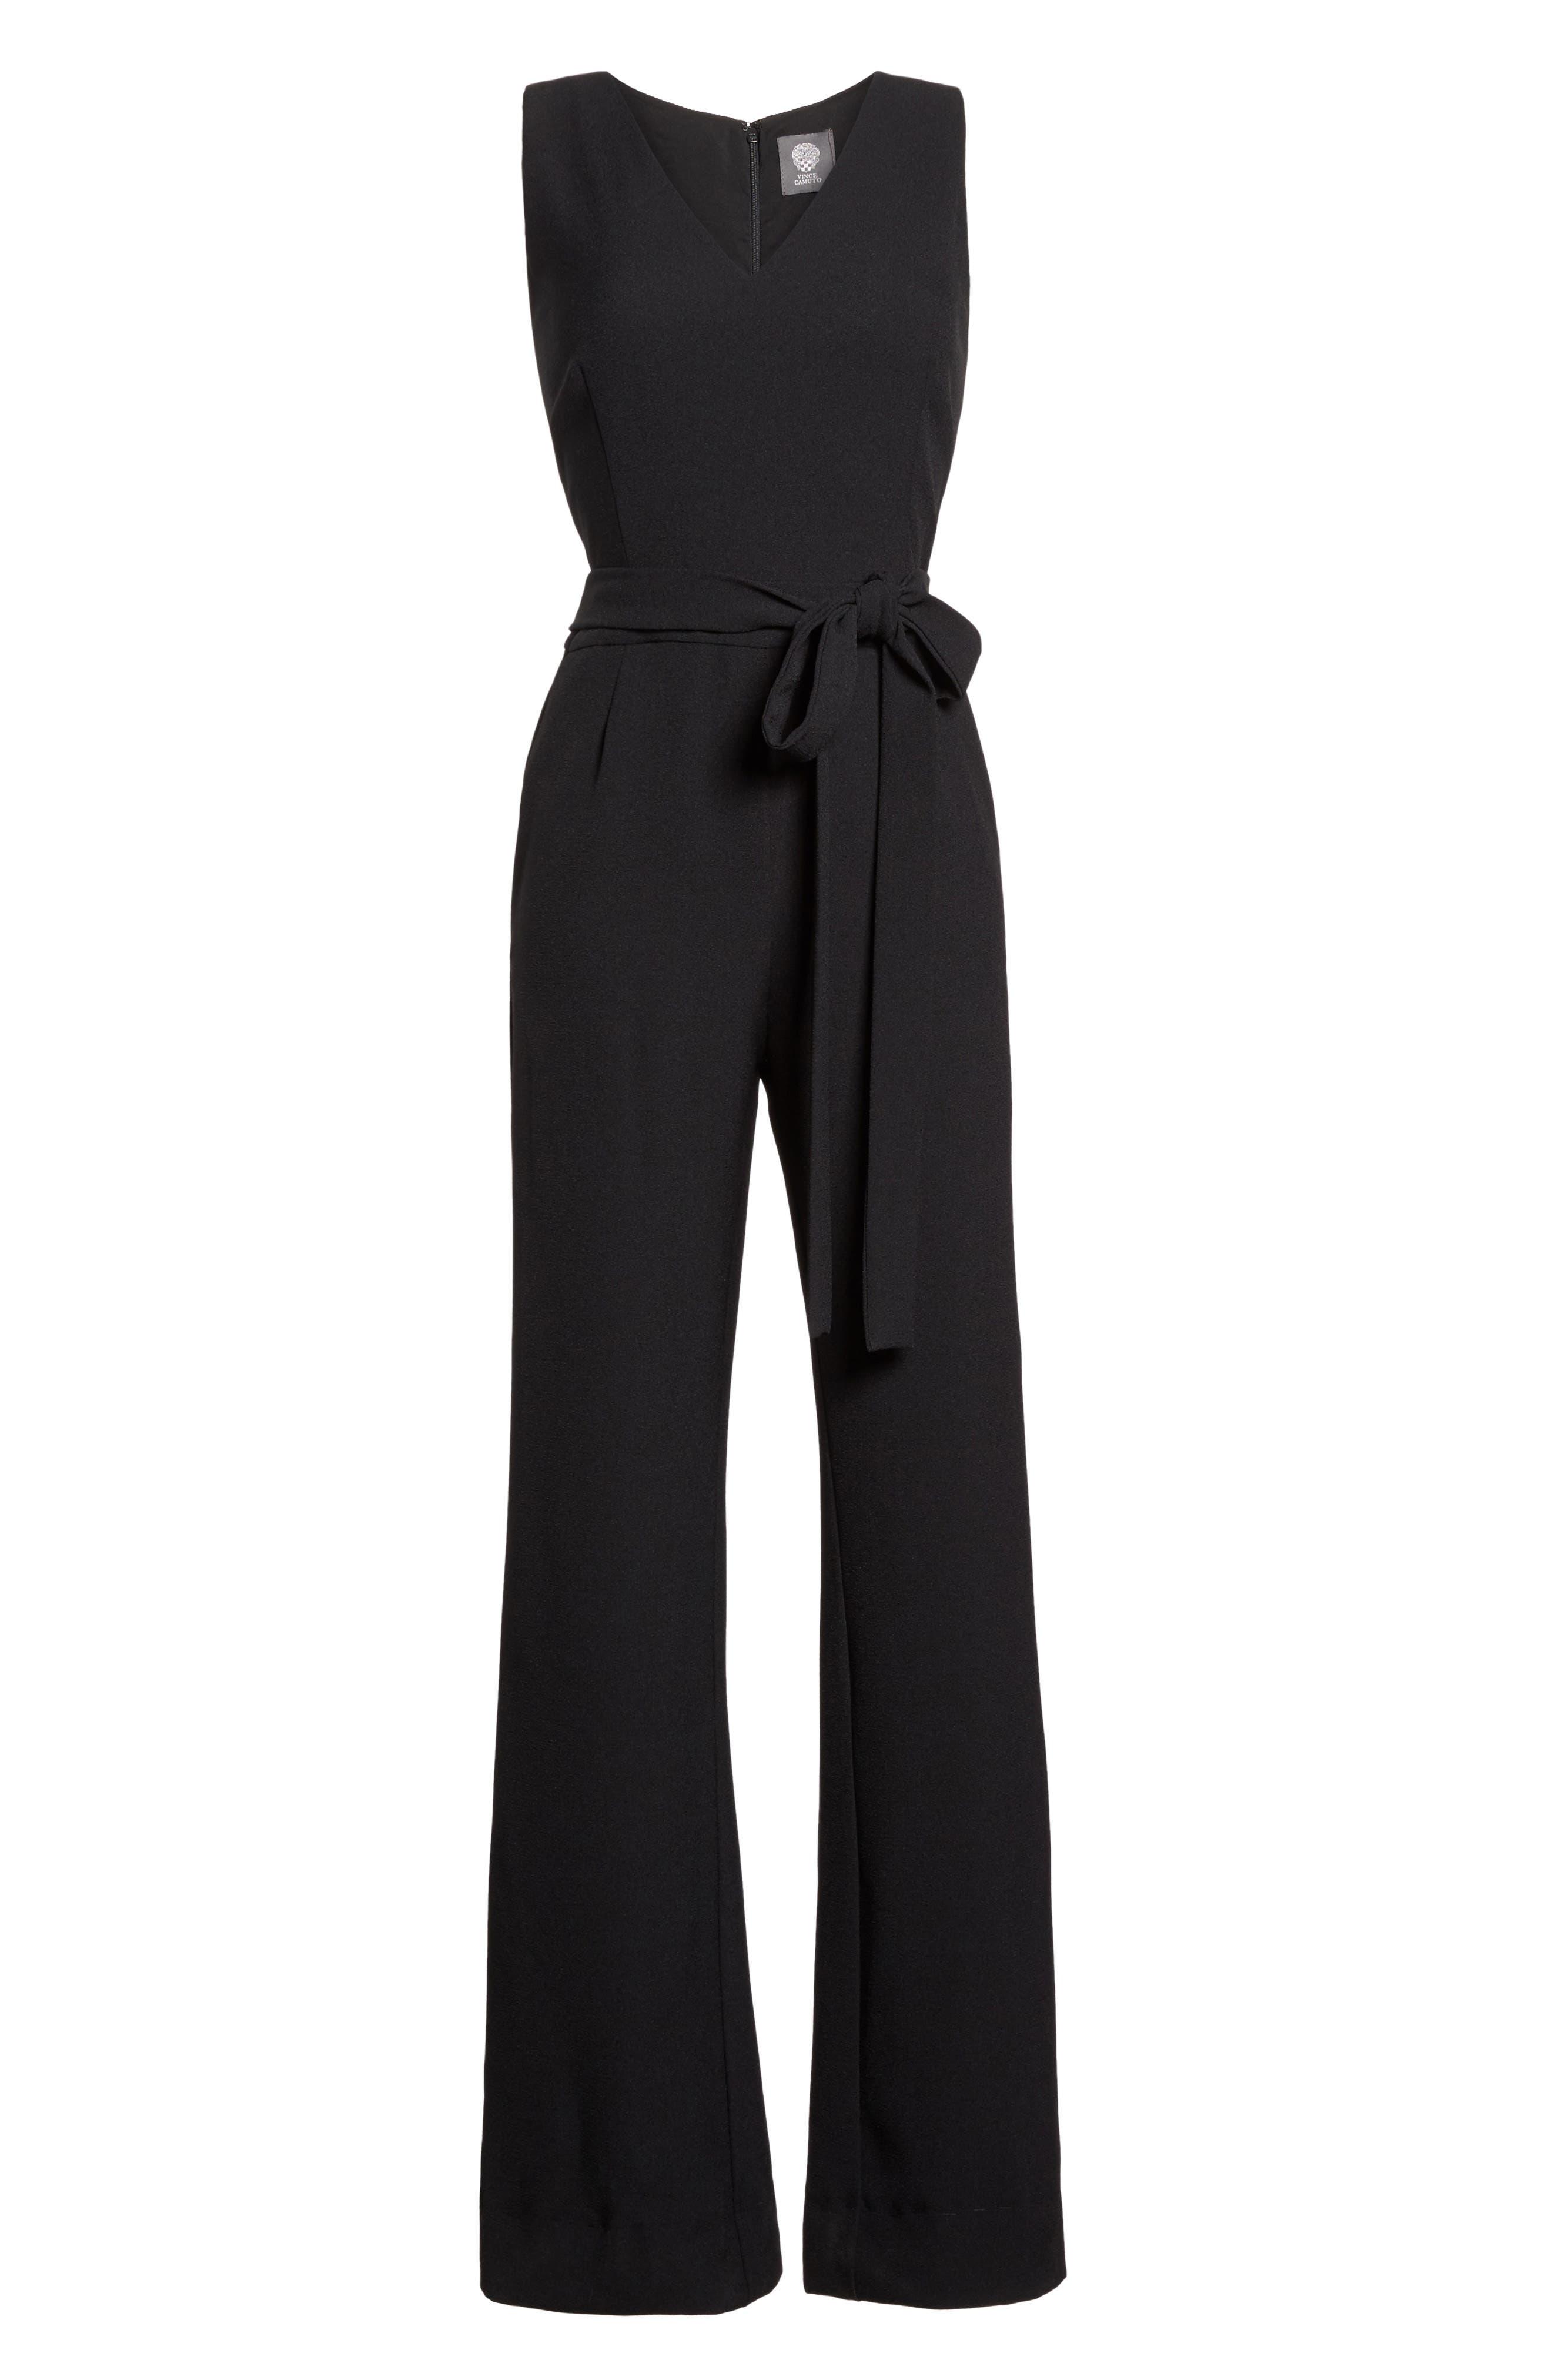 VINCE CAMUTO,                             Tie Front Wide Leg Jumpsuit,                             Alternate thumbnail 7, color,                             BLACK